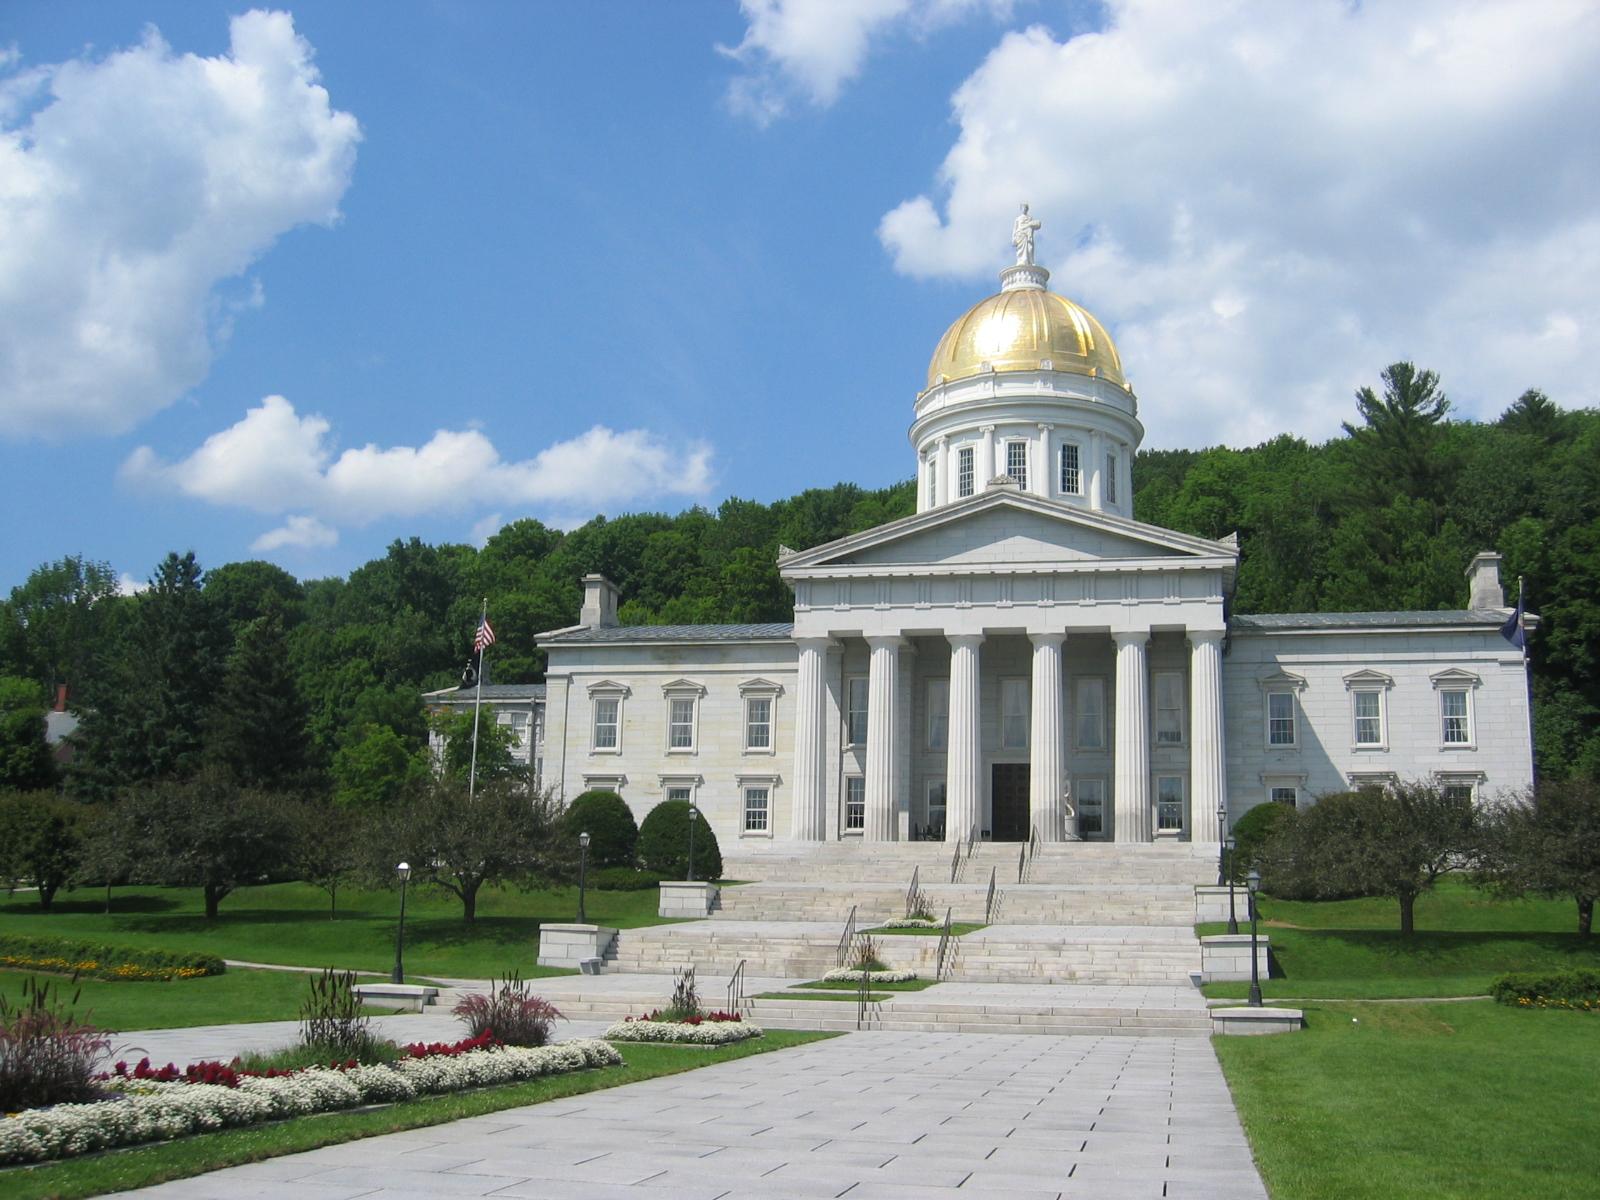 Image of Vermont